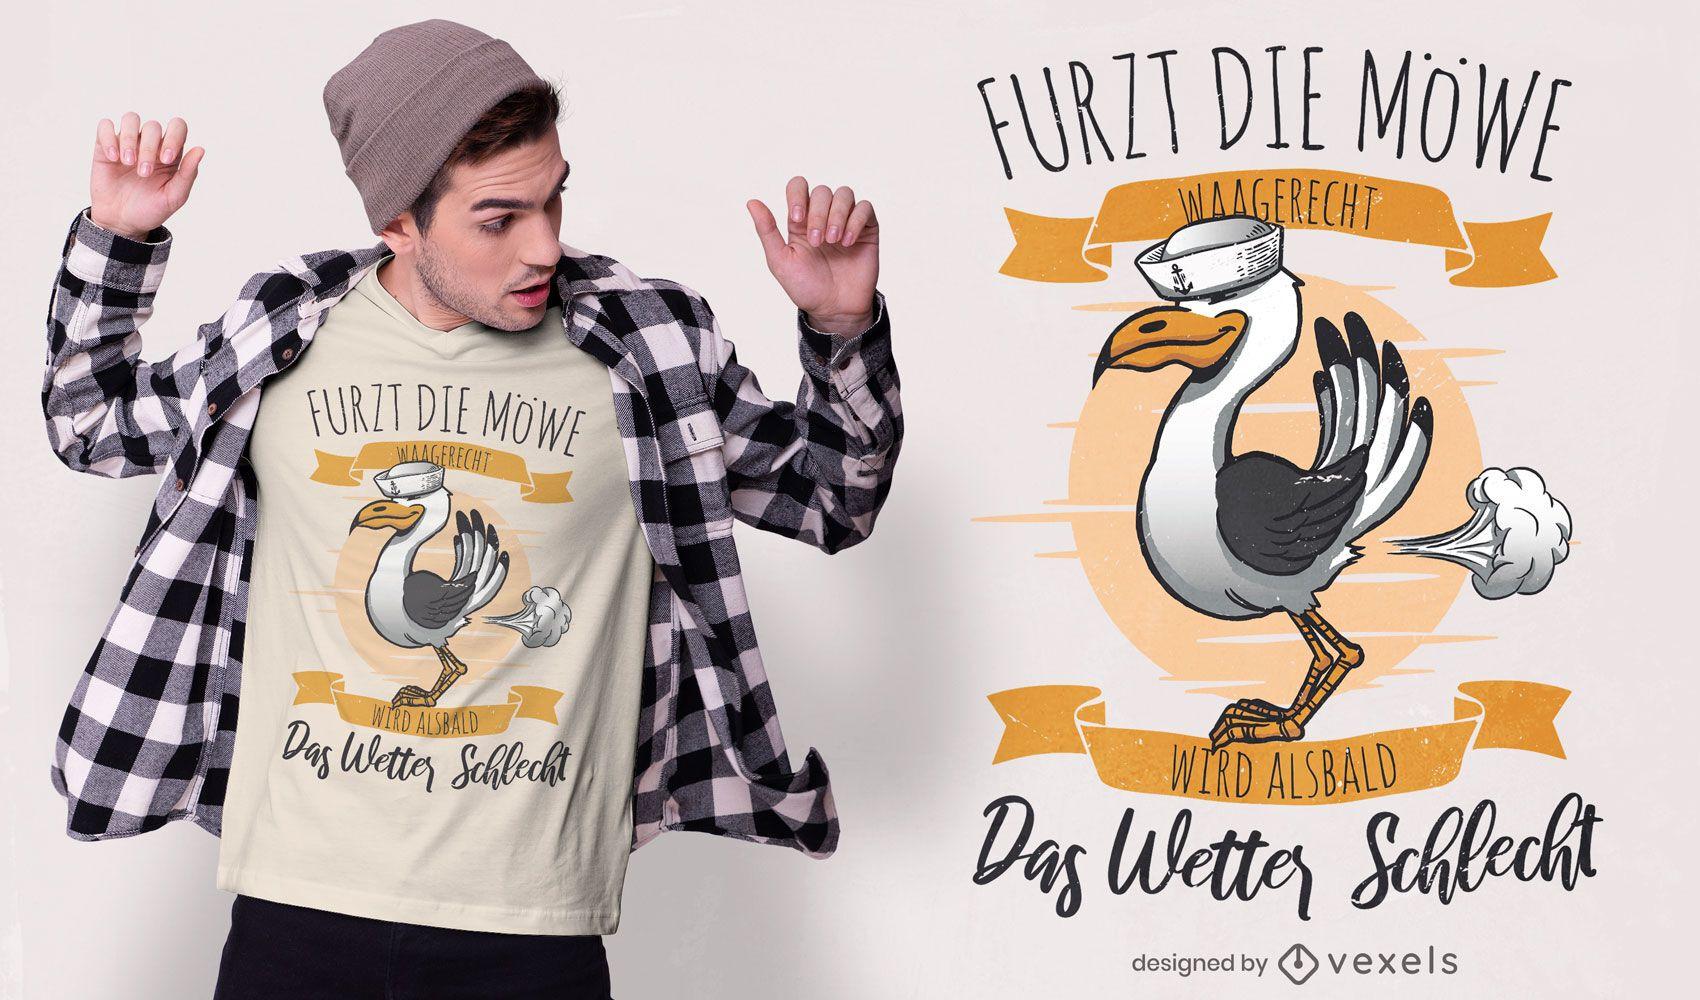 Möwenwetter deutsches Zitat T-Shirt Design